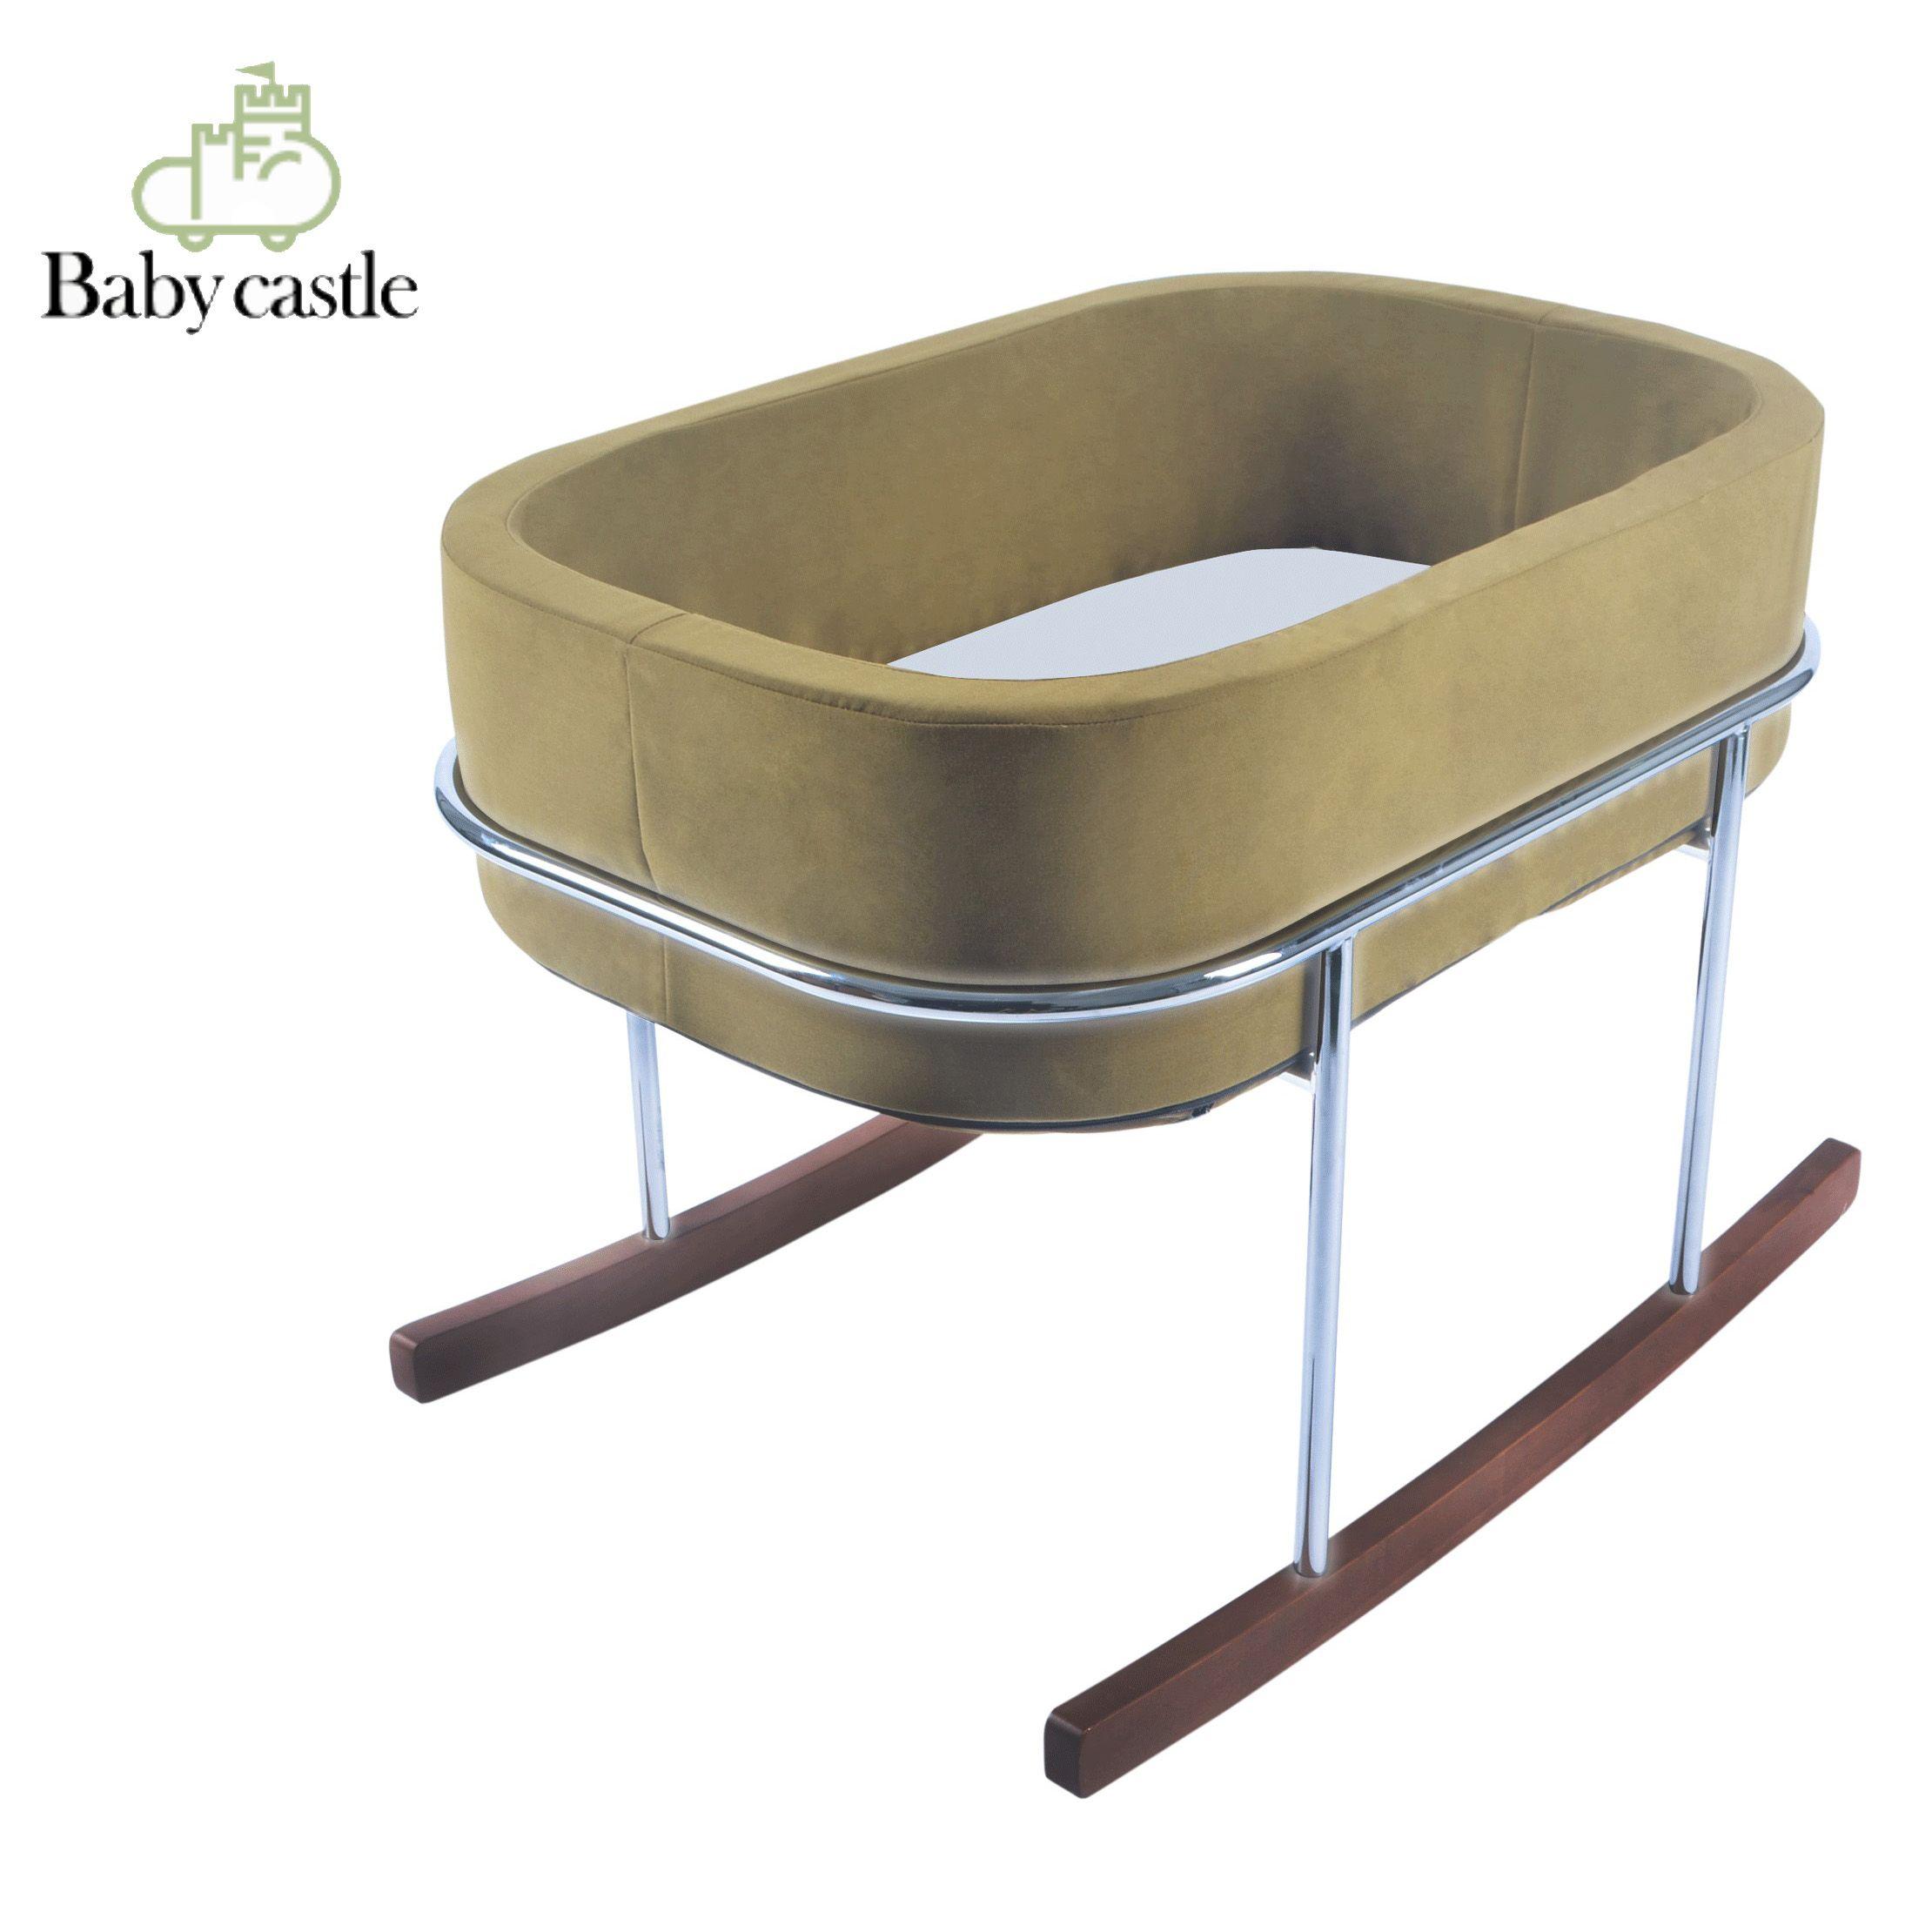 Новый дизайн ROCKING BED для ребенка